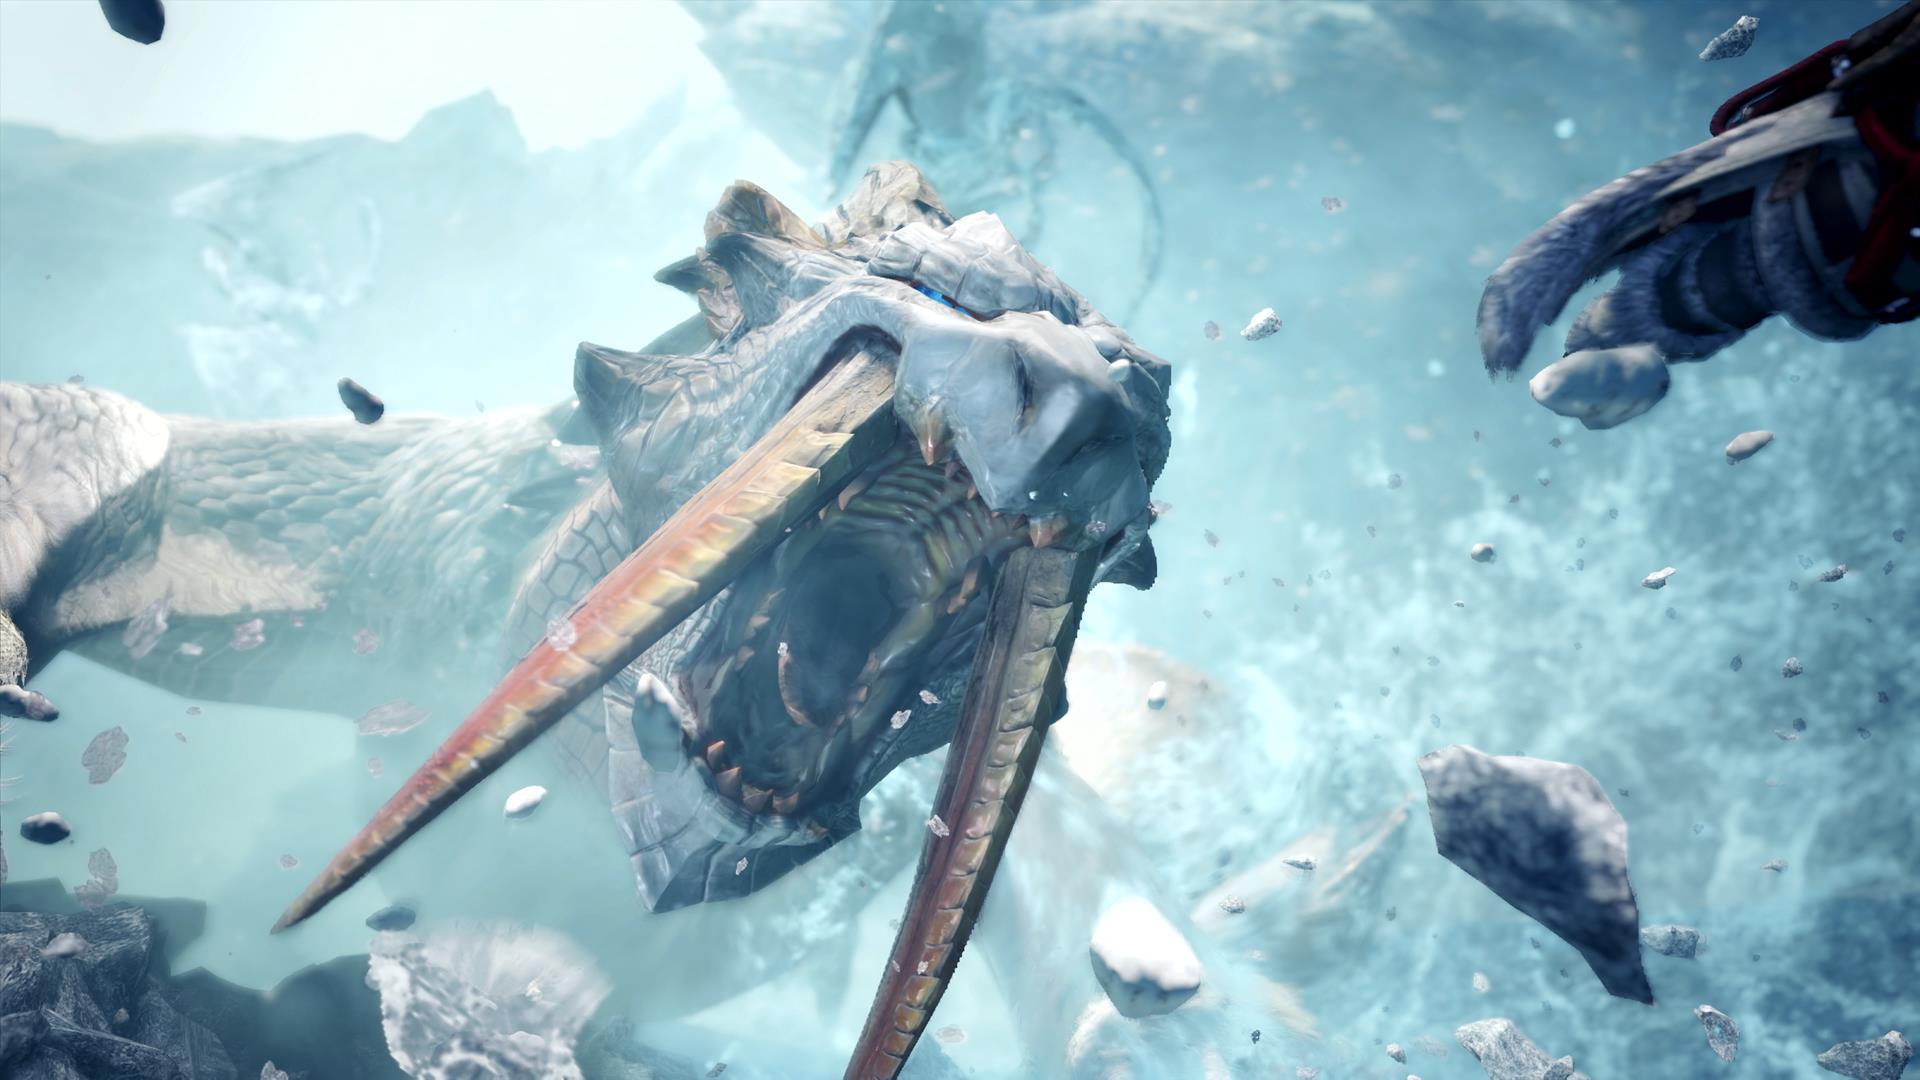 Bản cập nhật nội dung PC của Monster Hunter World cuối cùng sẽ được đồng bộ hóa với bảng điều khiển bắt đầu từ tháng 4